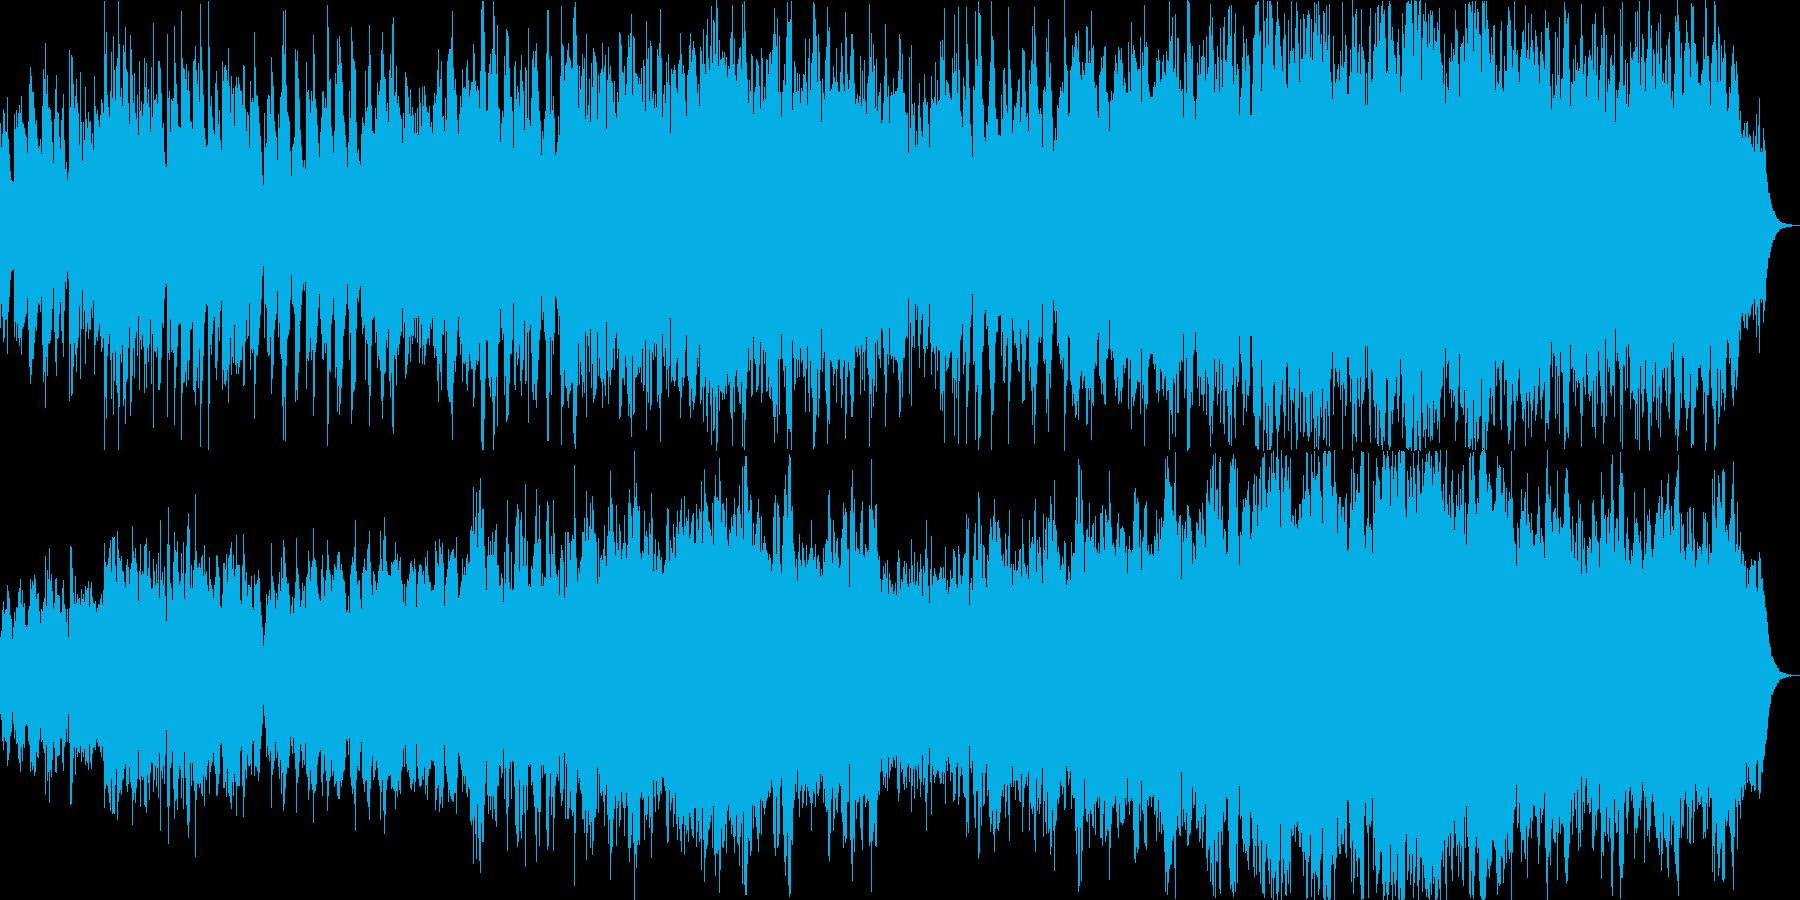 ピアノとコーラスの爽やかな癒し系の再生済みの波形